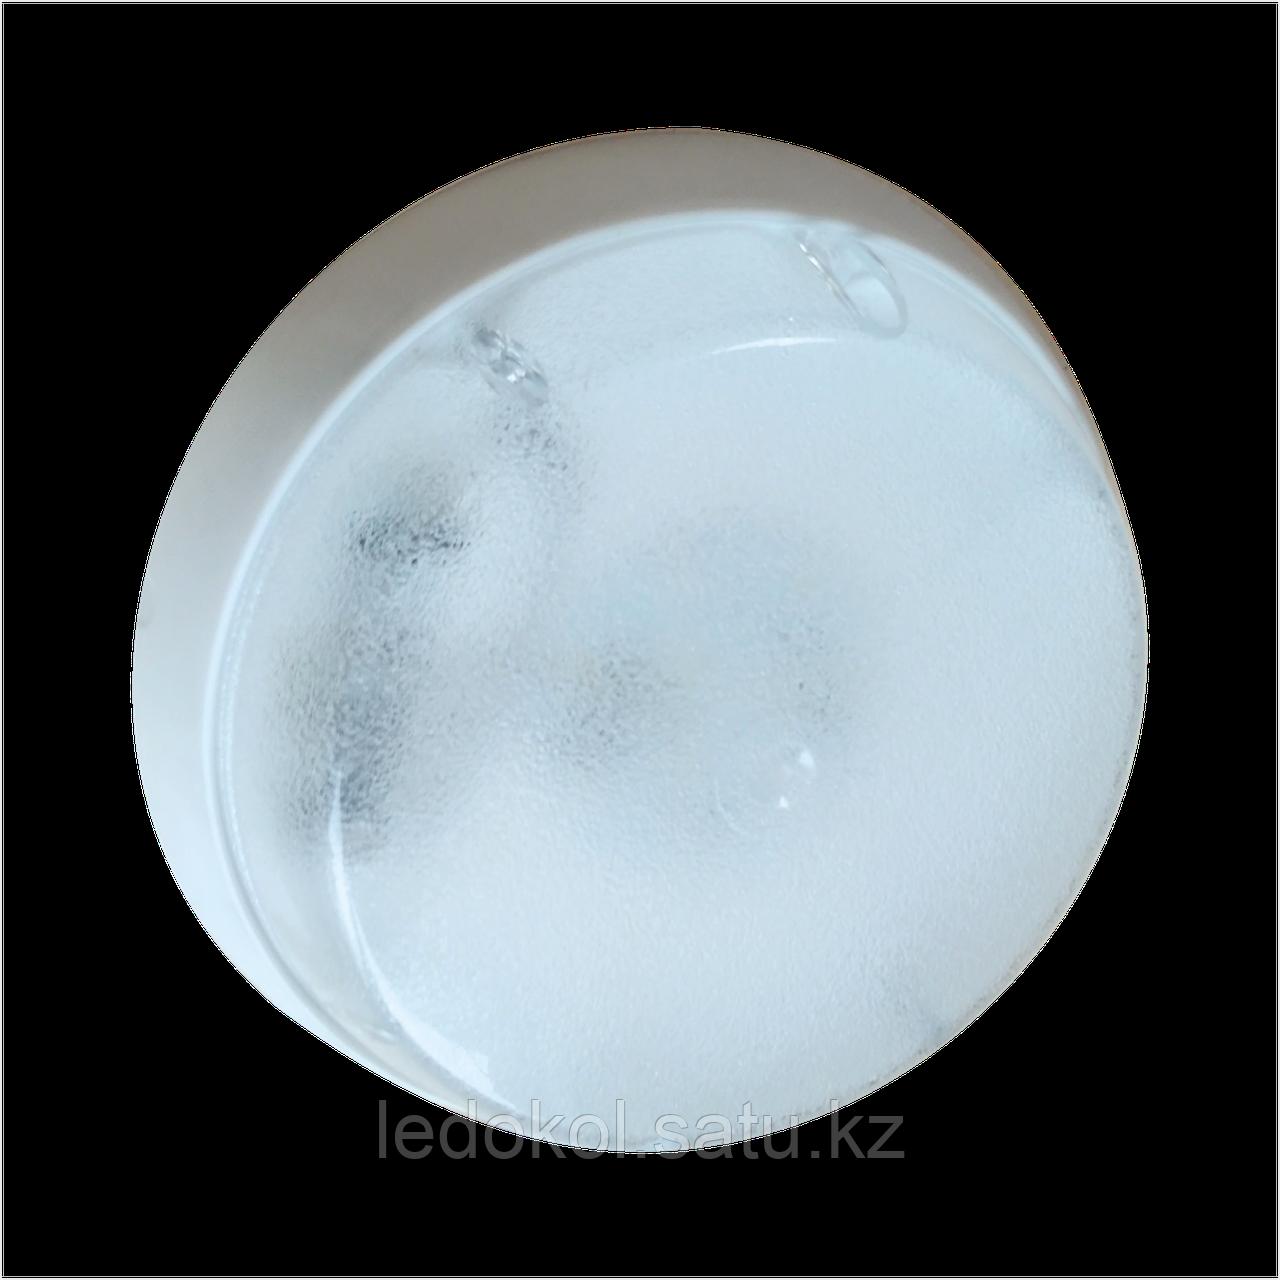 Светильник ЖКХ  постоянного свечения 6,10 Вт, пластик